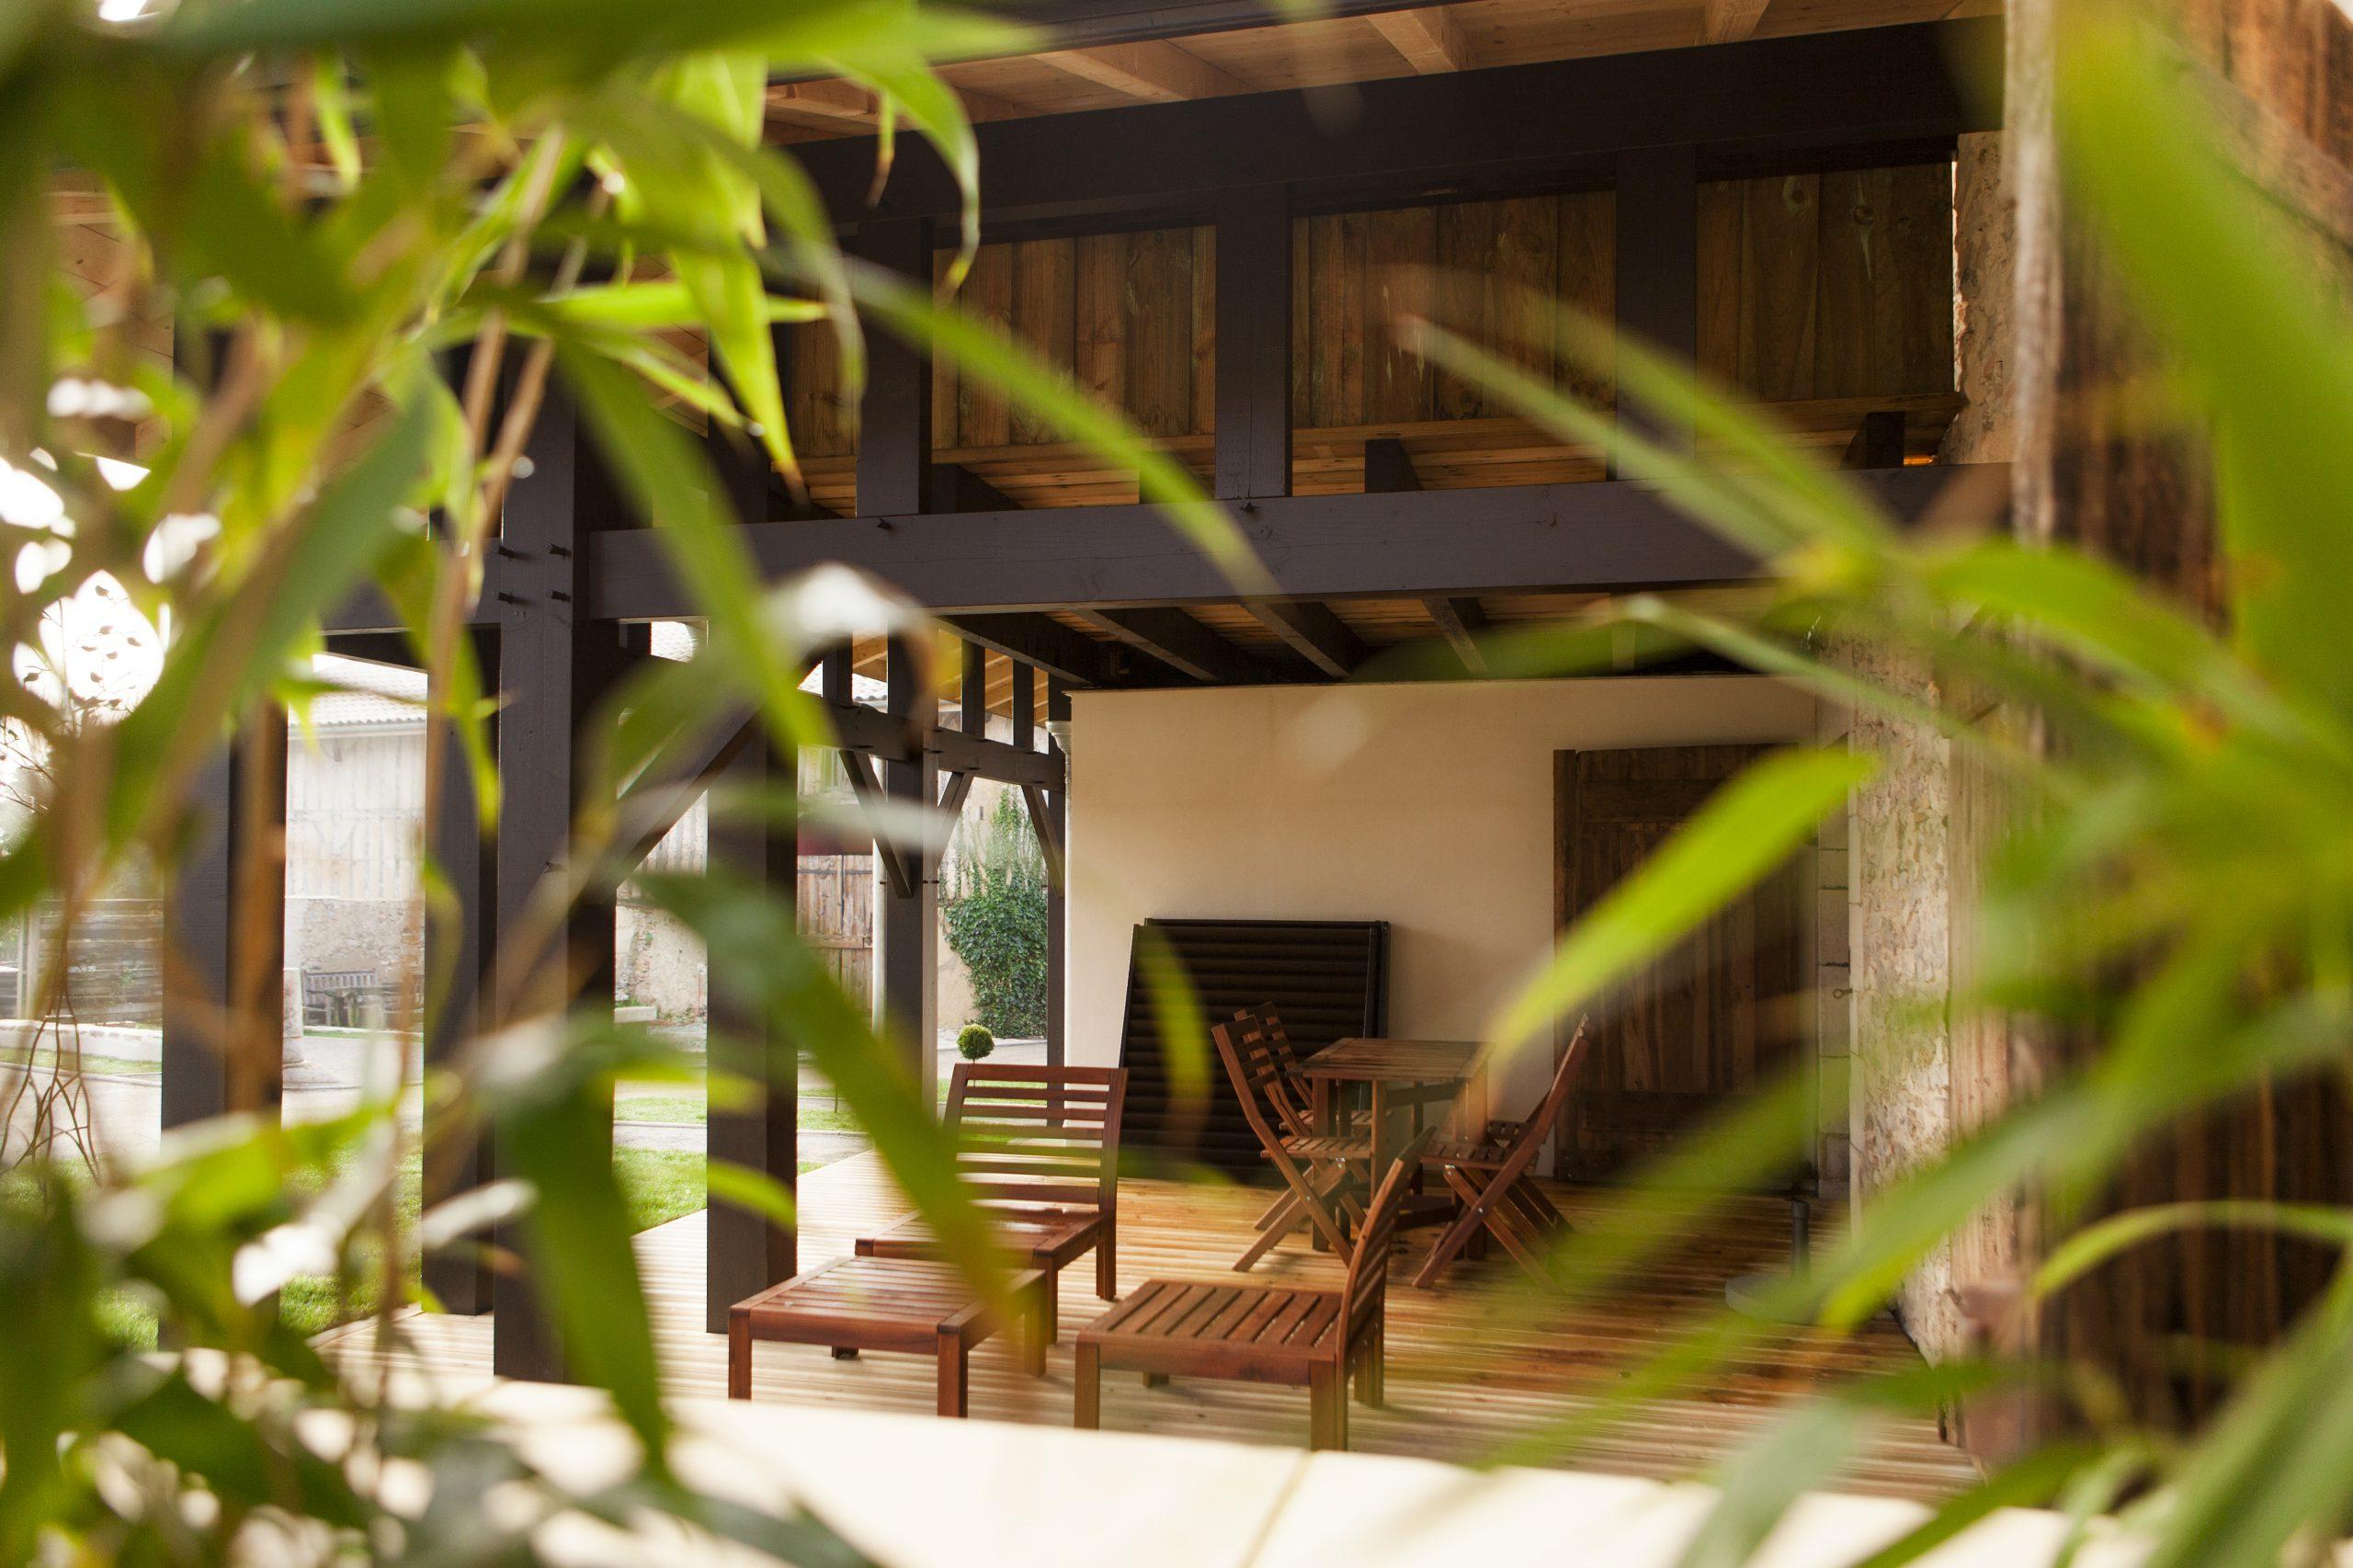 Appartement 33M² T2 +Terrasse de 24M² Entièrement rénové vendu Meublé